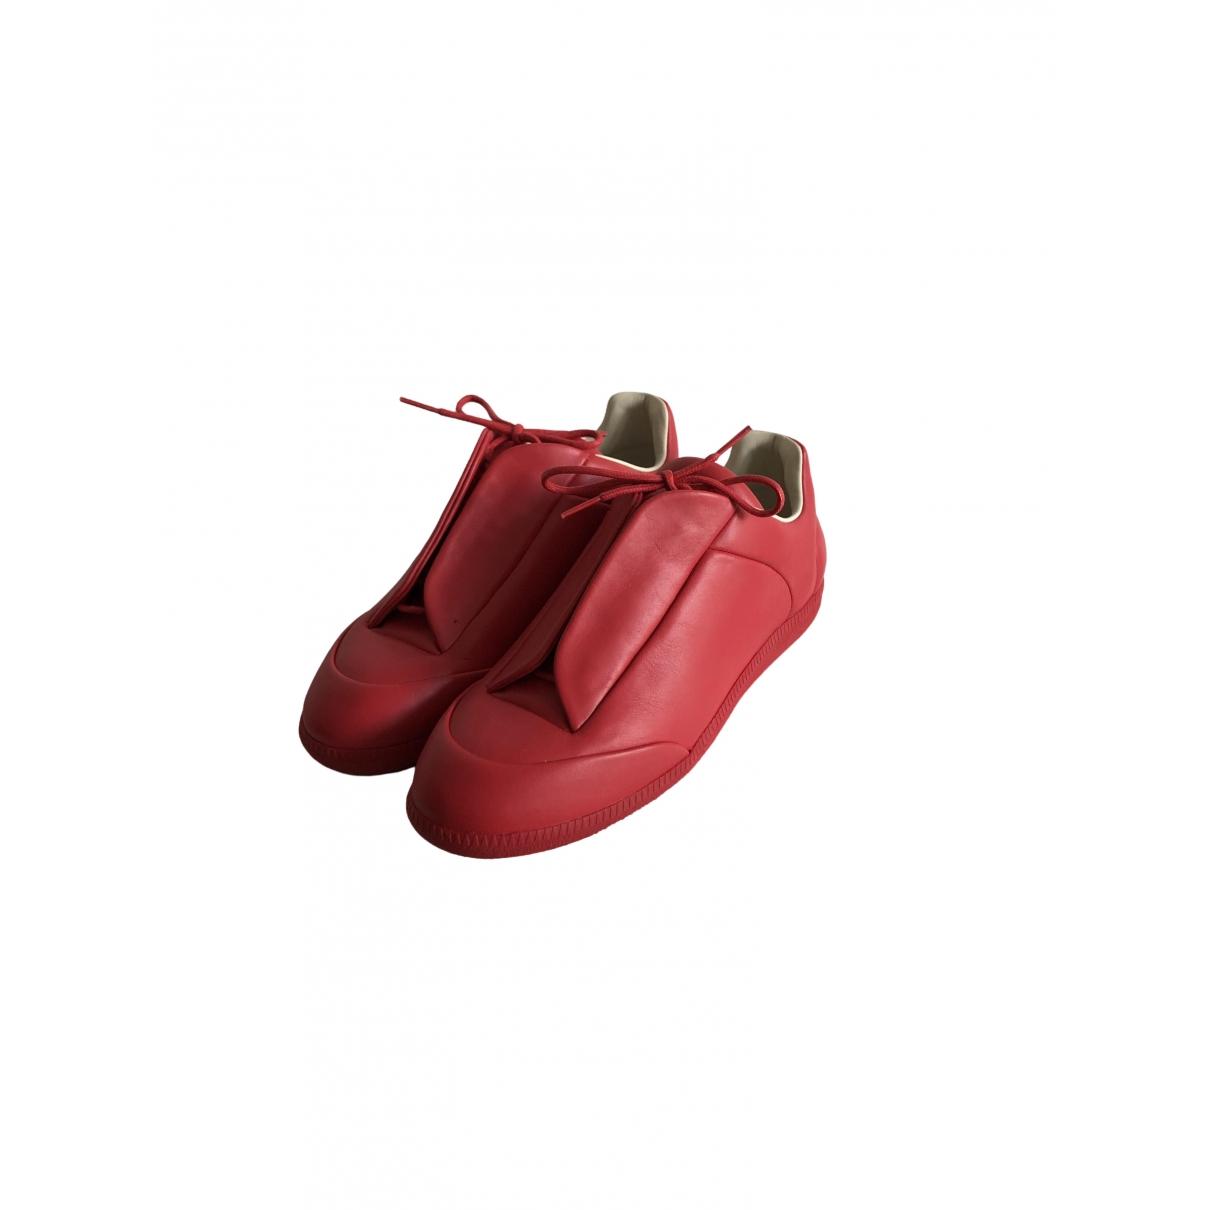 Maison Martin Margiela - Baskets Future pour homme en cuir - rouge